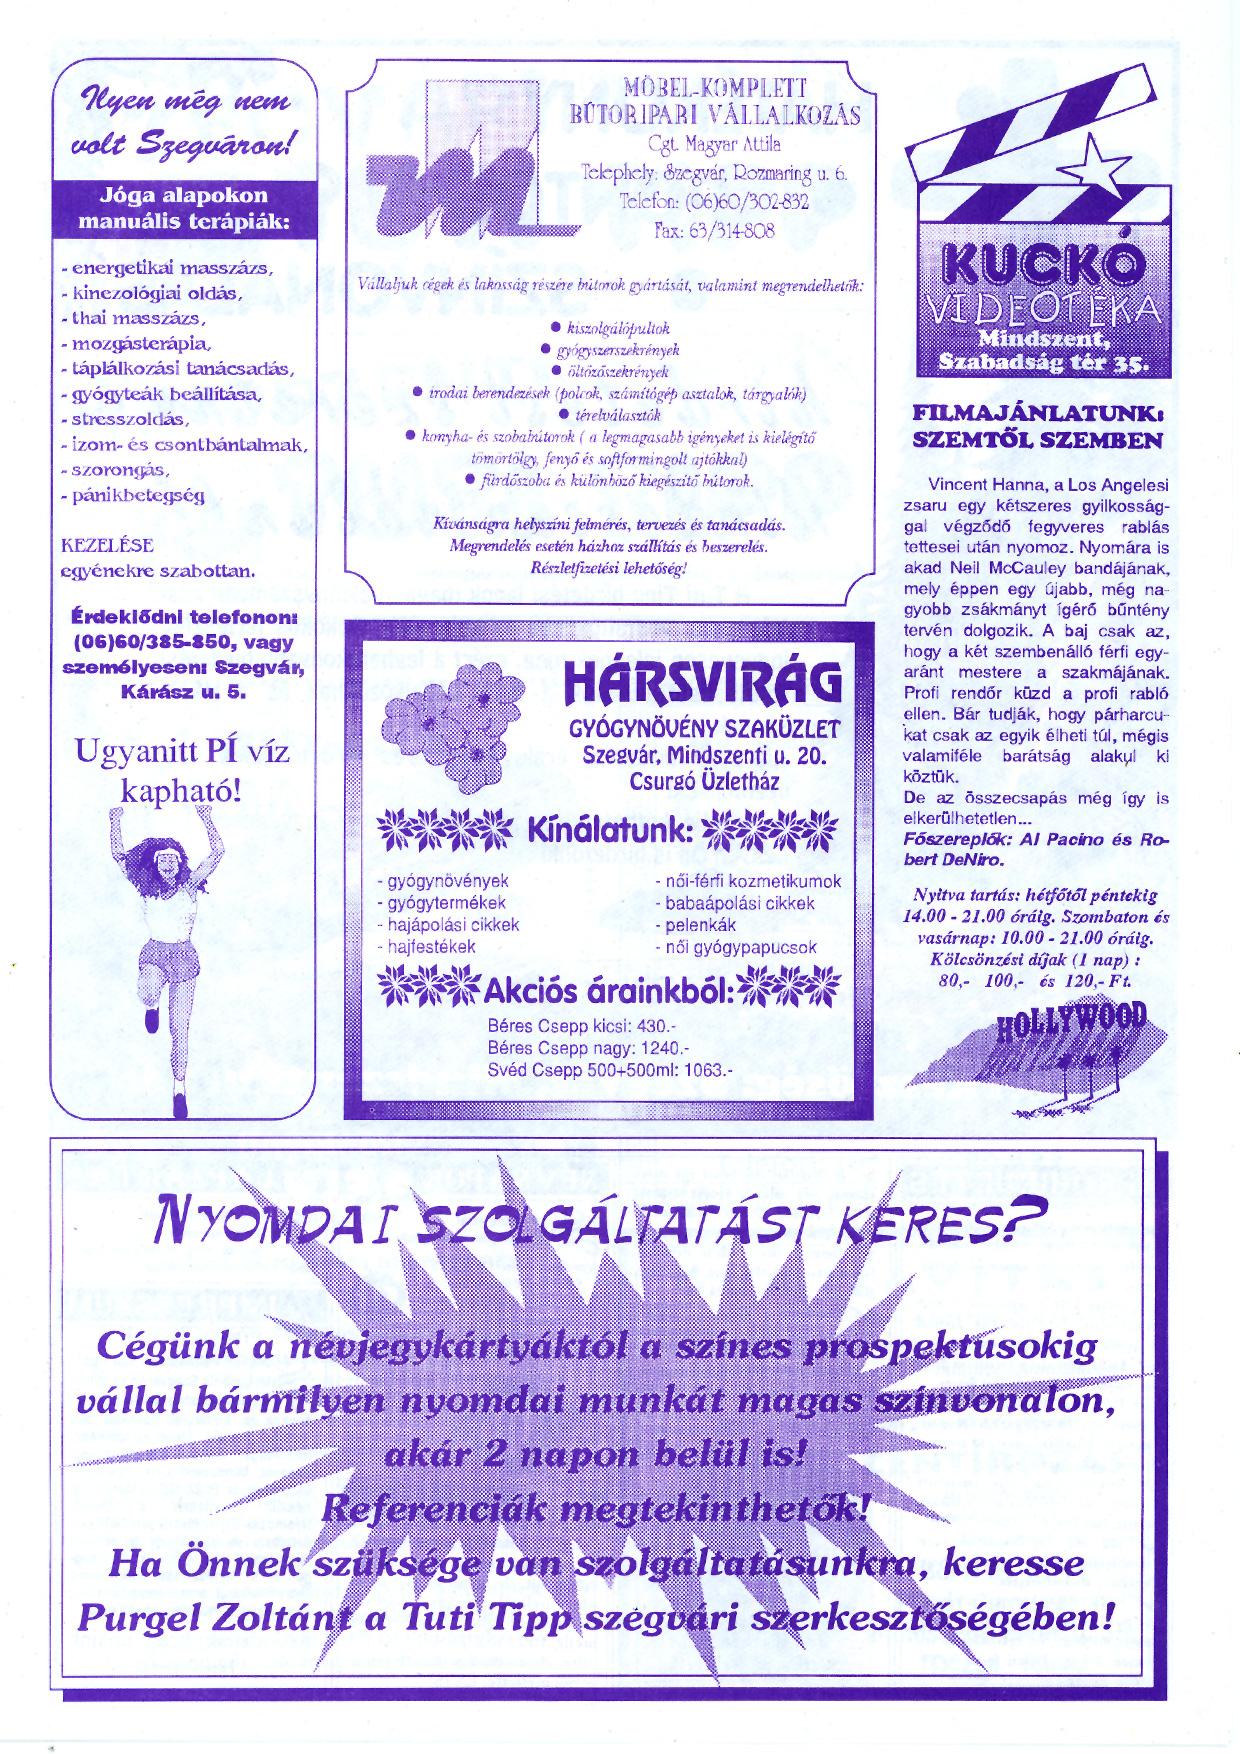 061 Szegvári és Mindszenti Tuti Tipp reklámújság - 19961019-032-009. lapszám - 3.oldal - II. évfolyam.jpg